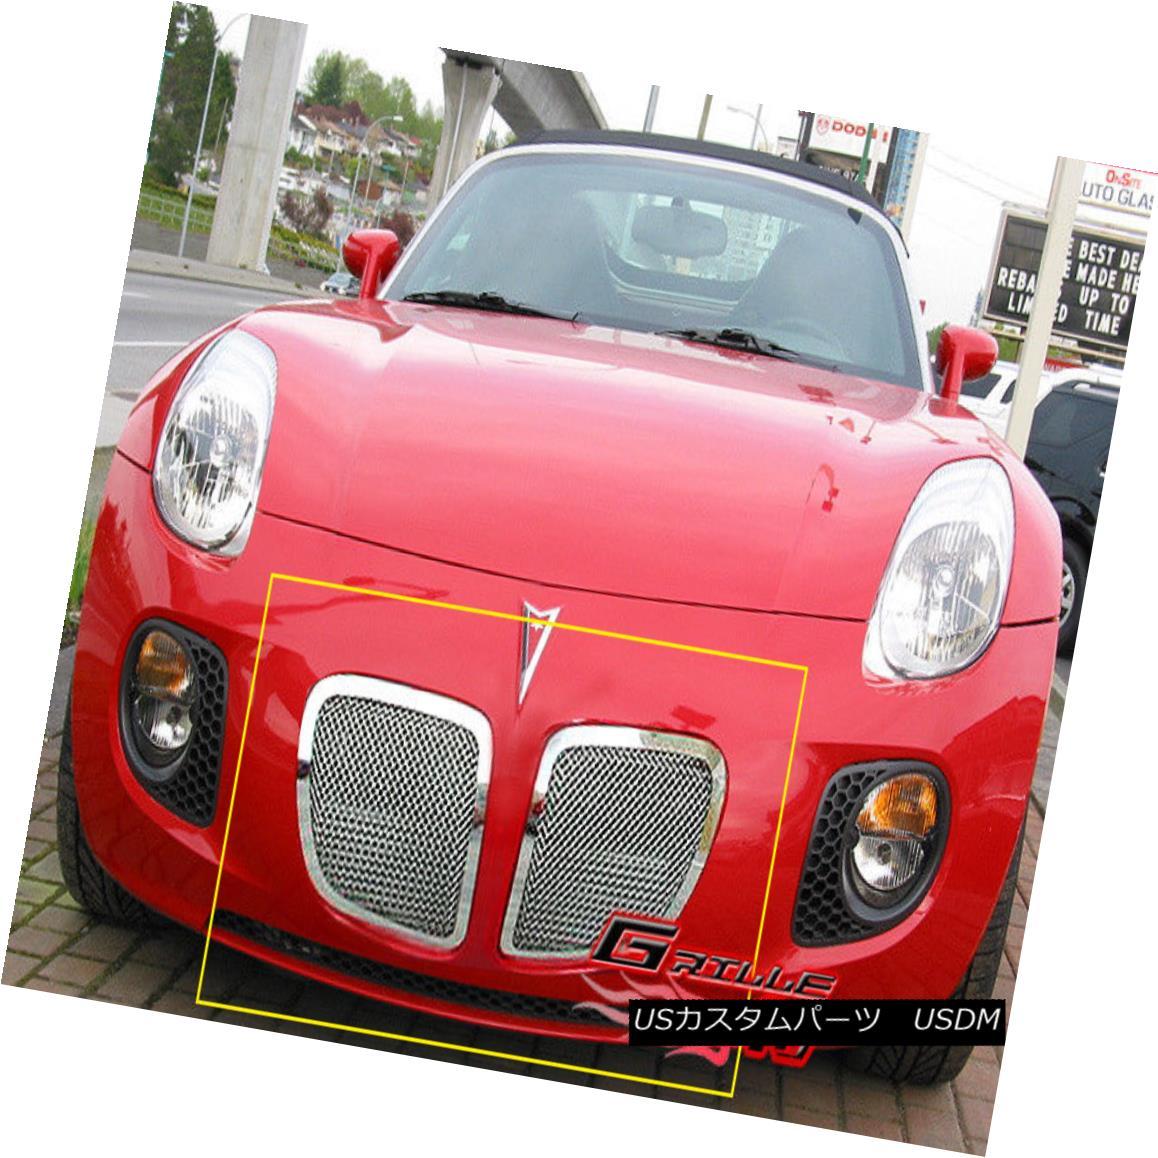 グリル Fits 2006-2008 Pontiac Solstice Stainless Mesh Grille Insert フィット2006-2008ポンティアックソリッドステンレスメッシュグリルインサート